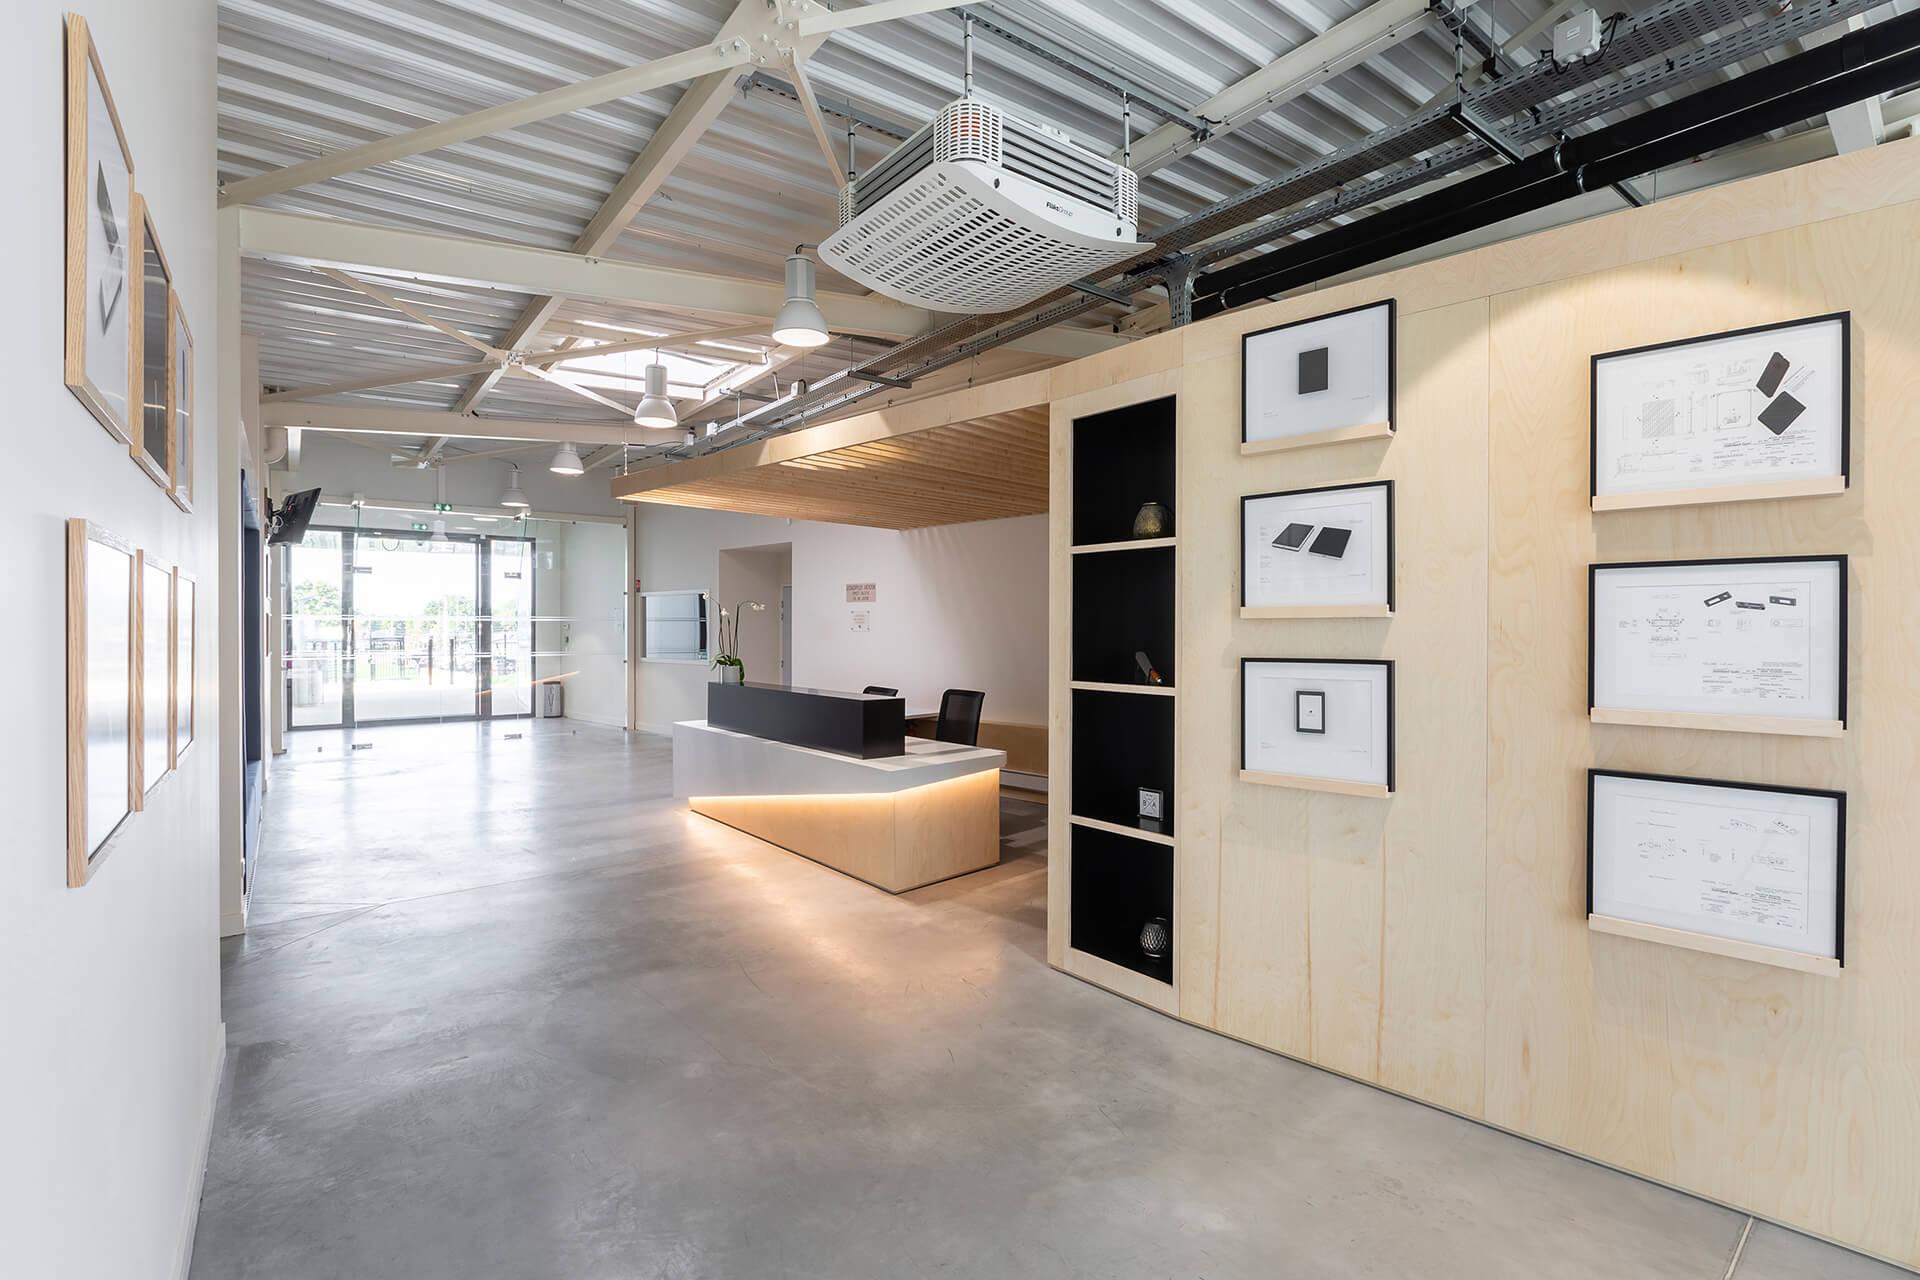 receção empresarial com paredes em madeira e molduras